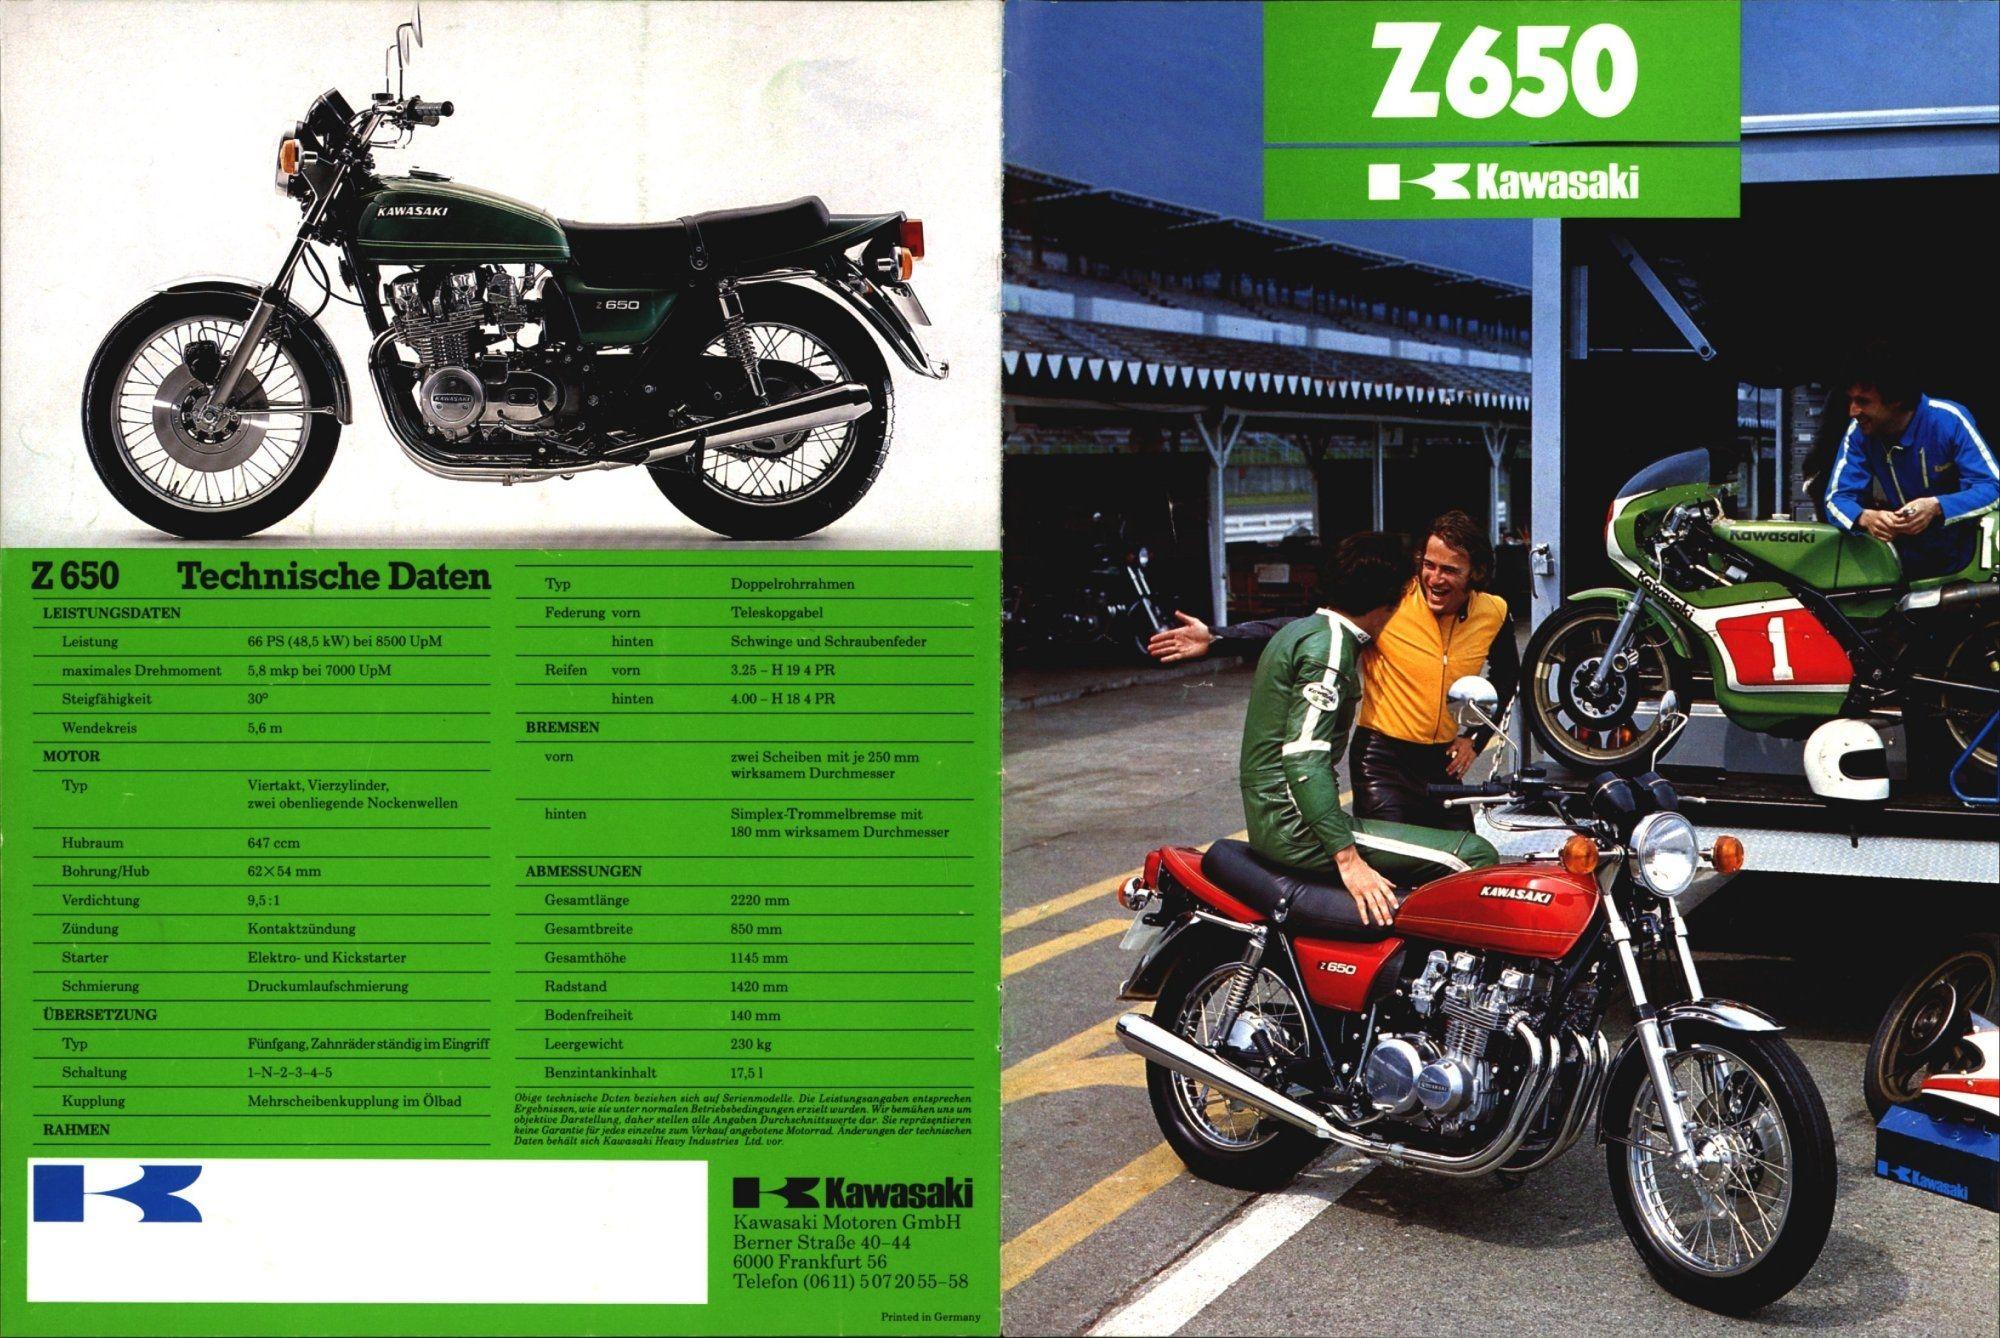 Kz650 Info Kawasaki Kawasaki Motorcycles Car Ads